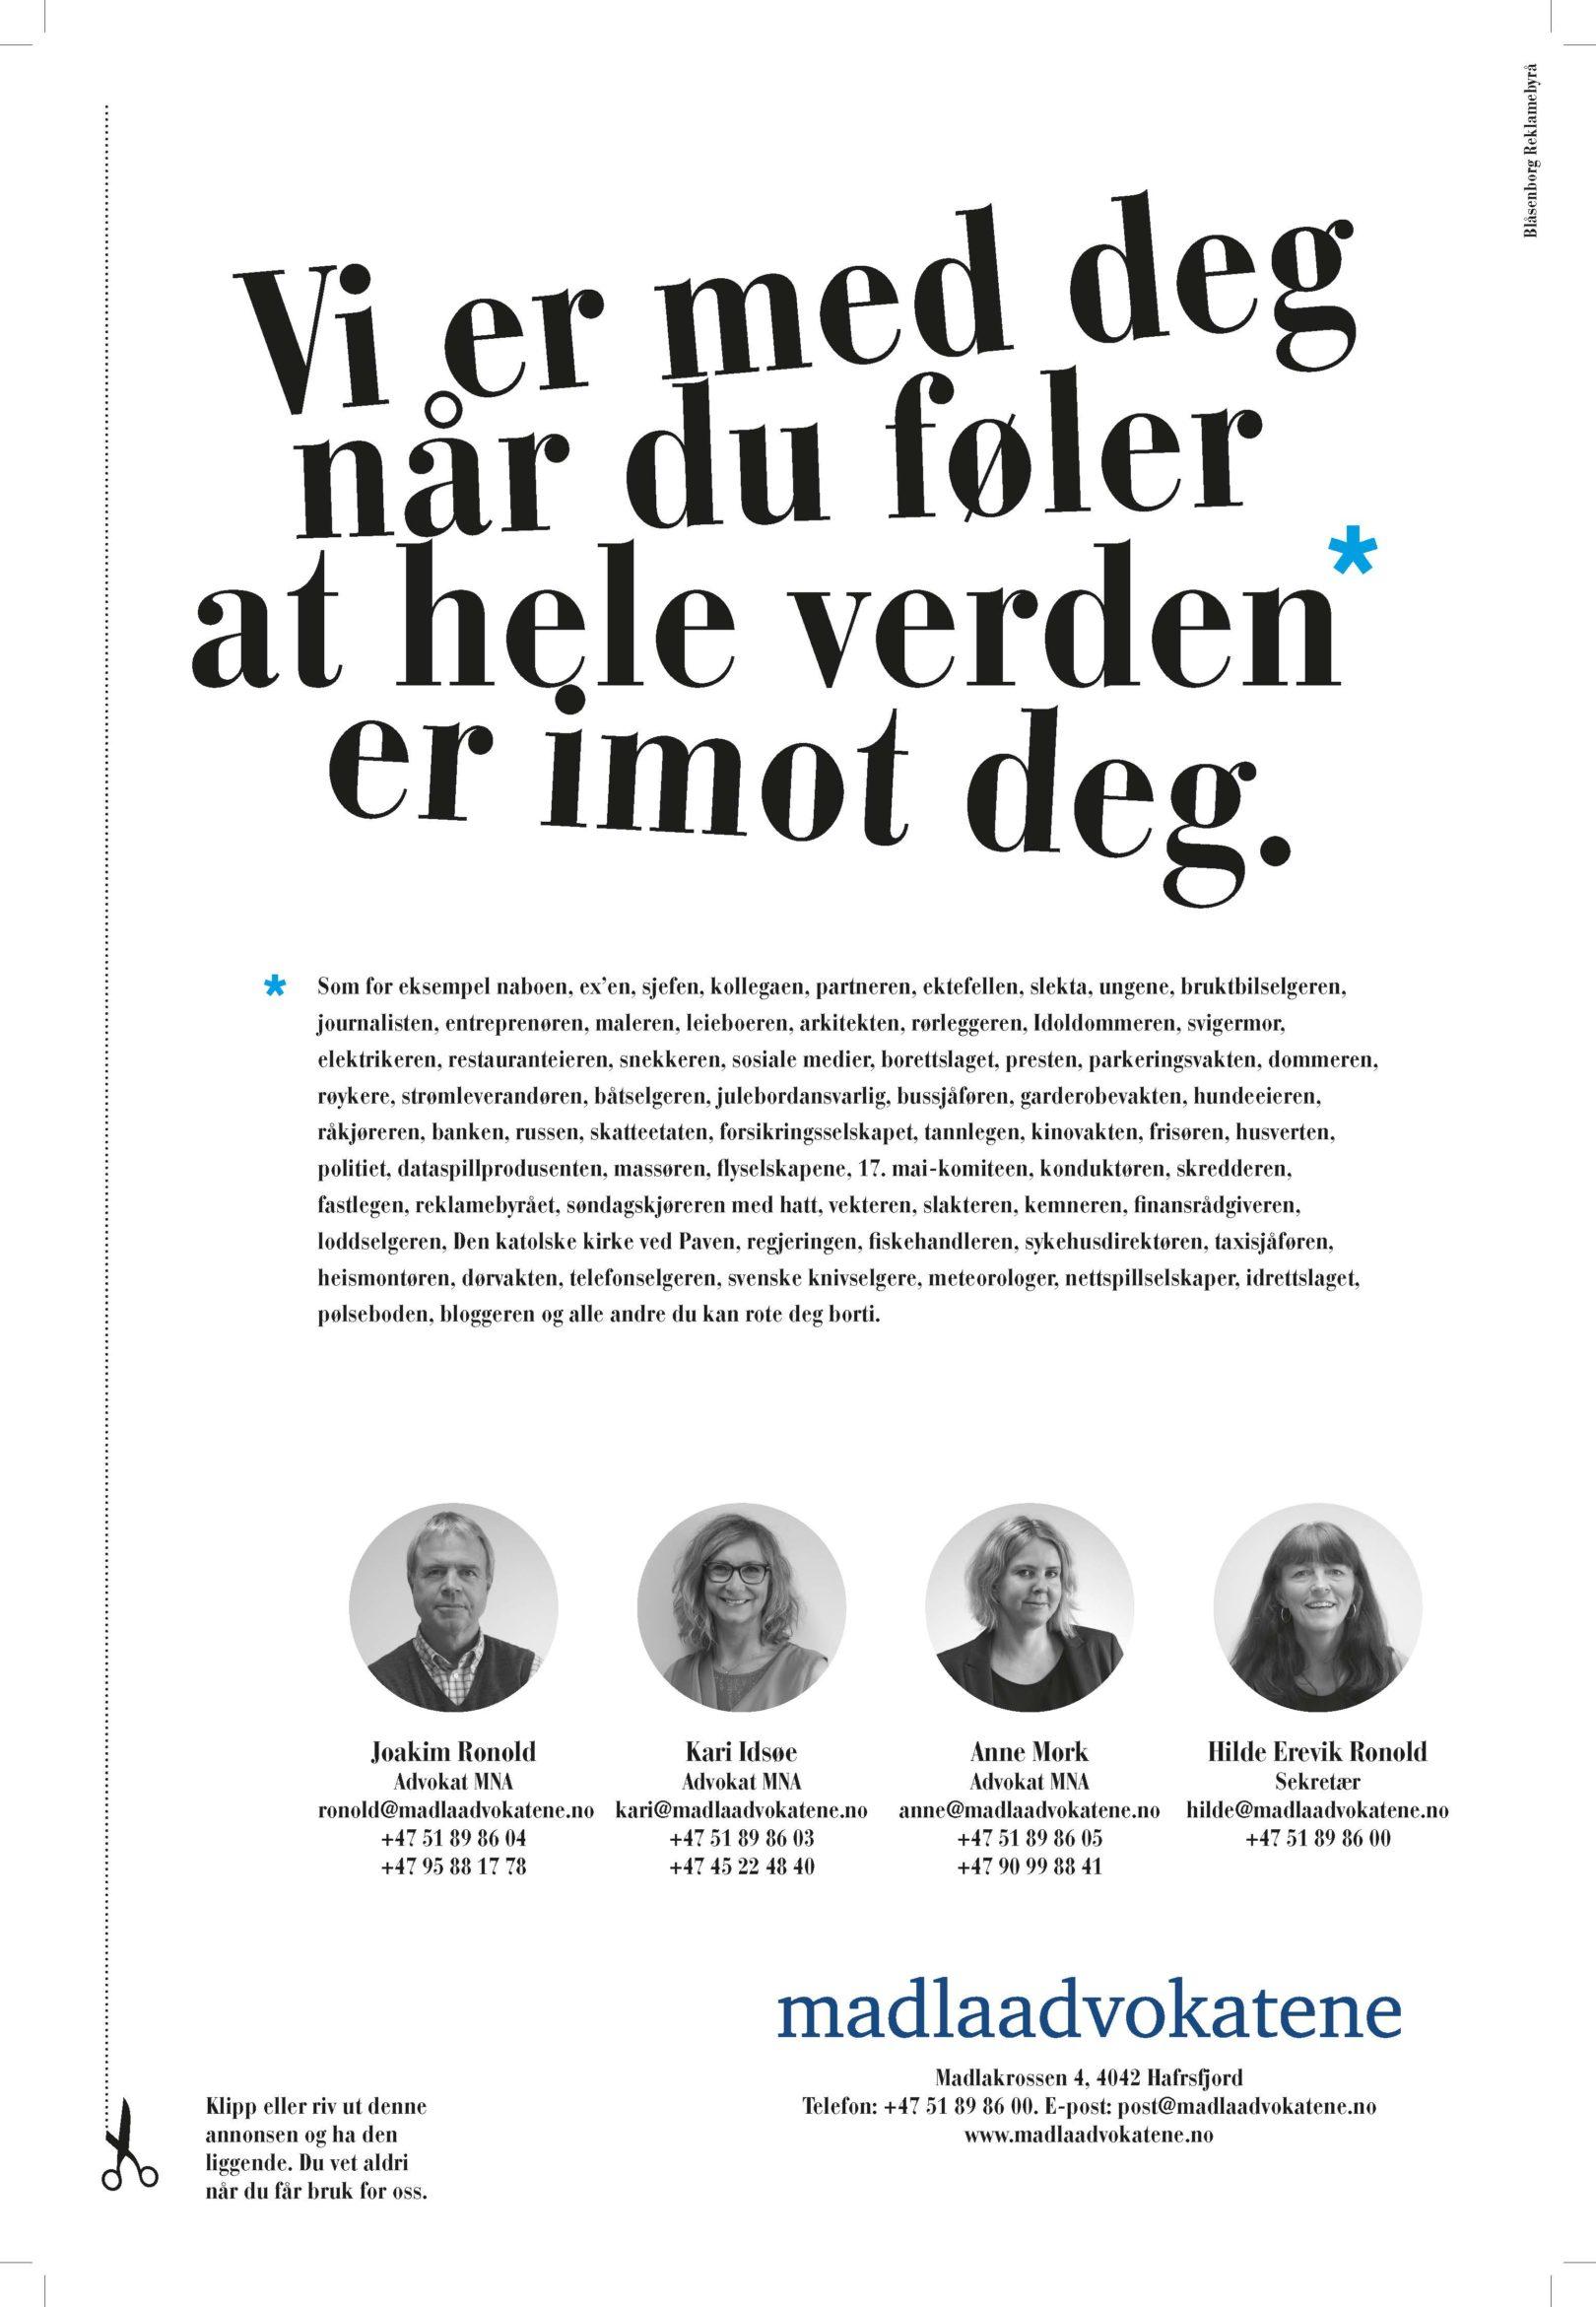 Blåsenborg Reklamebyrå